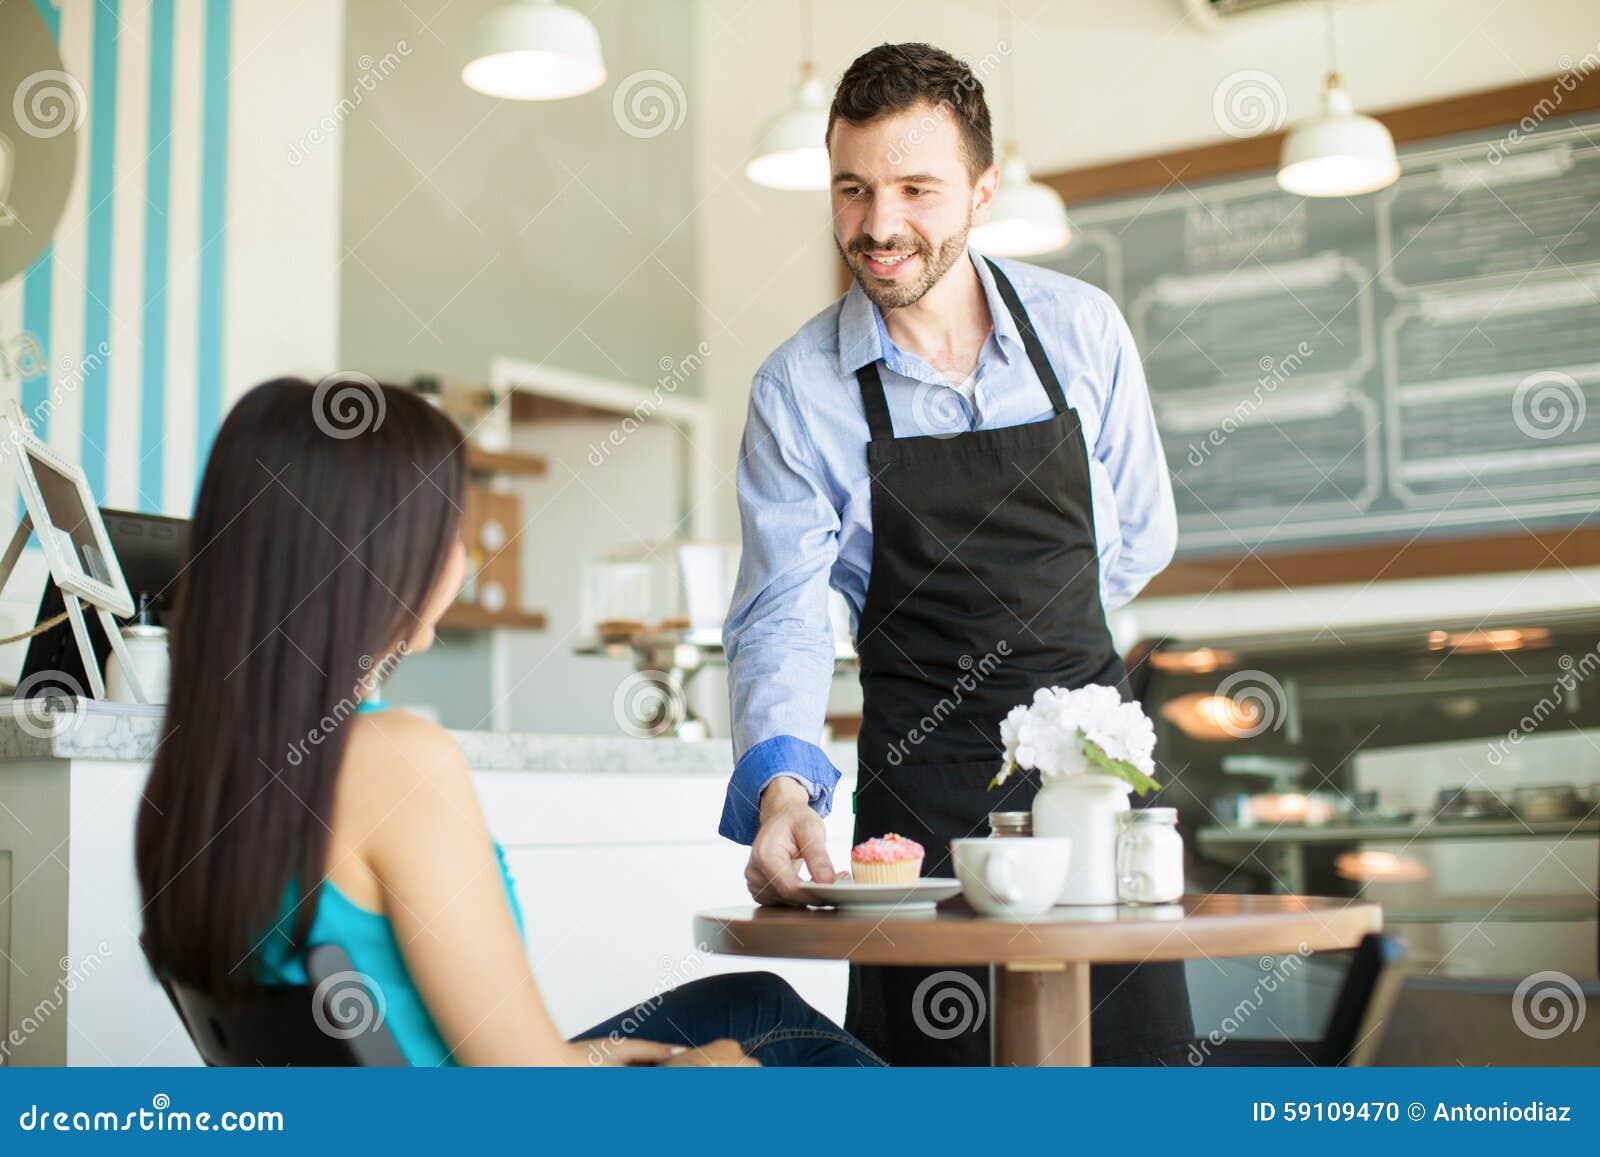 咖啡店的侍者